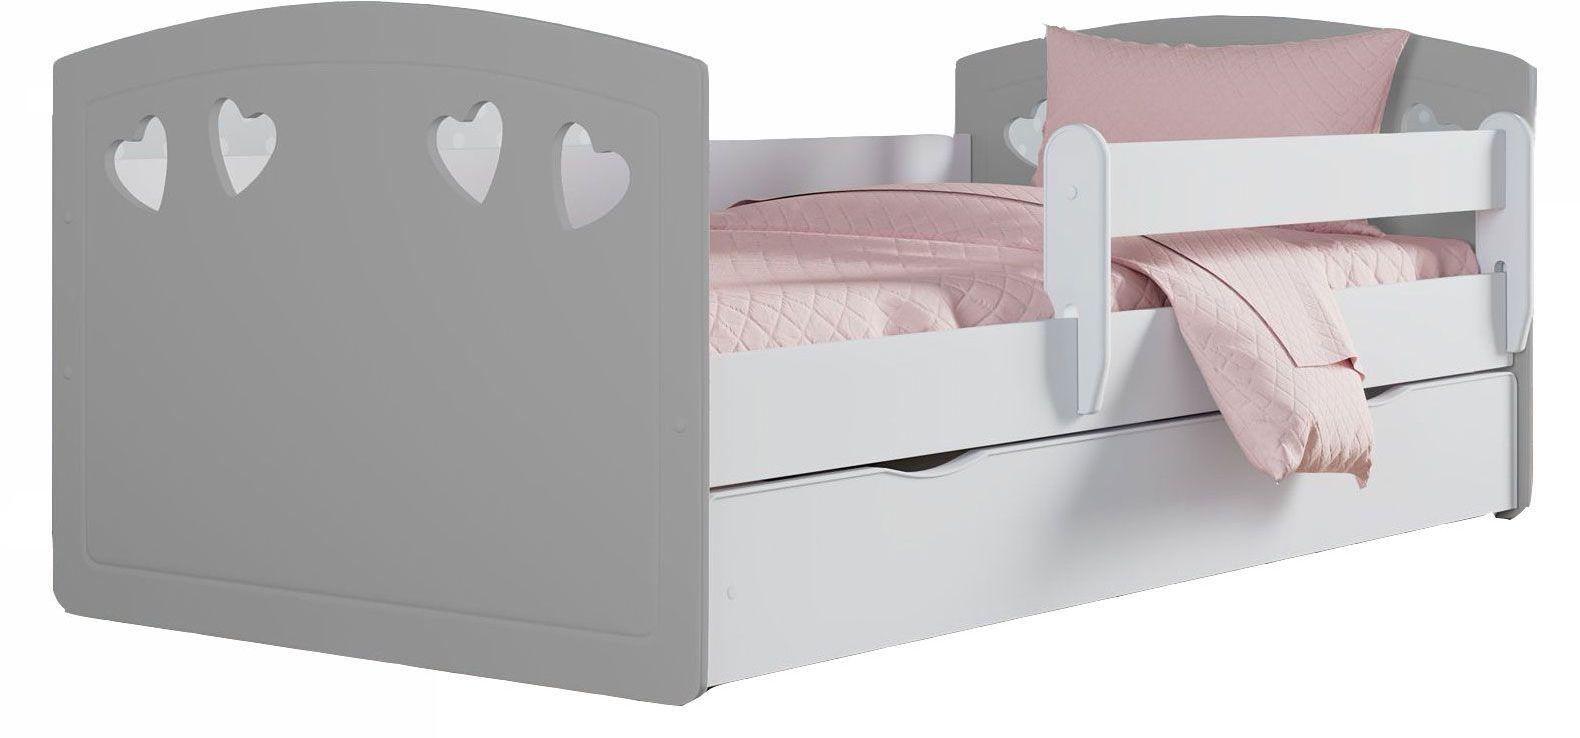 Łóżko dla dziecka z barierką Nolia 3X 80x180 - szare